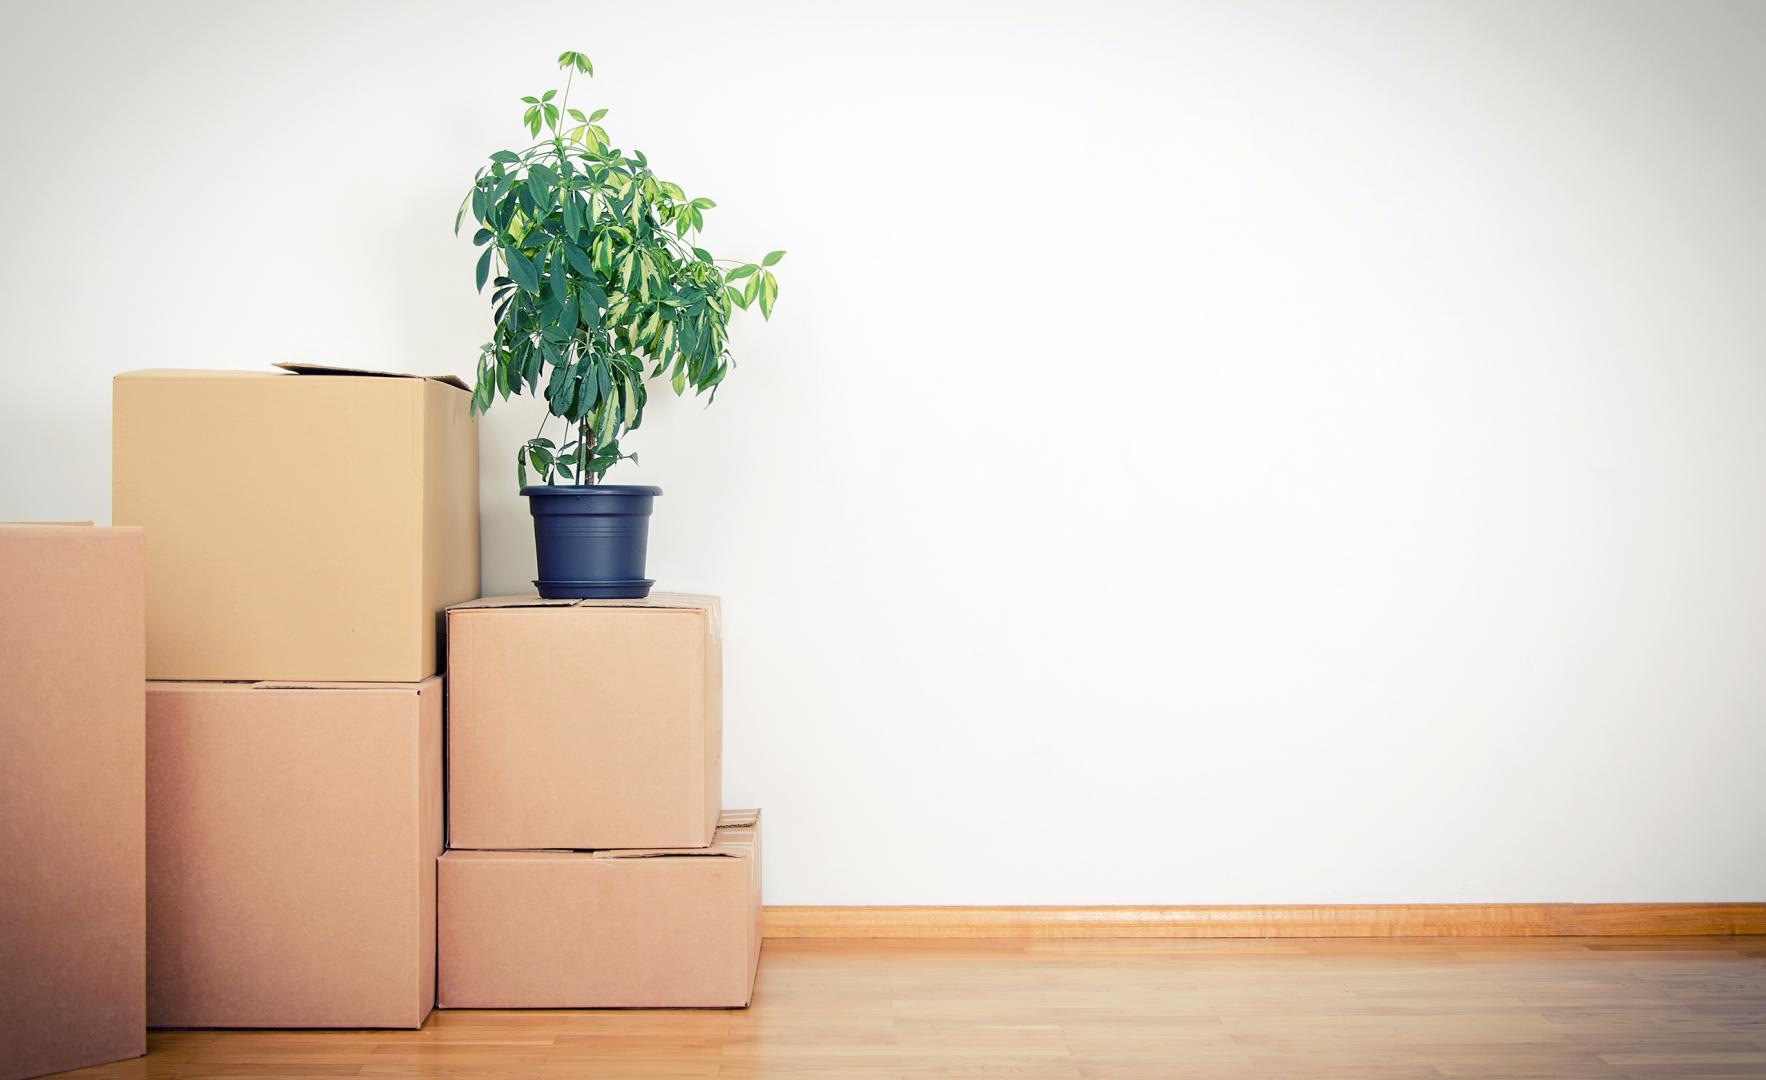 Déménégement : comment trouver un bon déménageur?